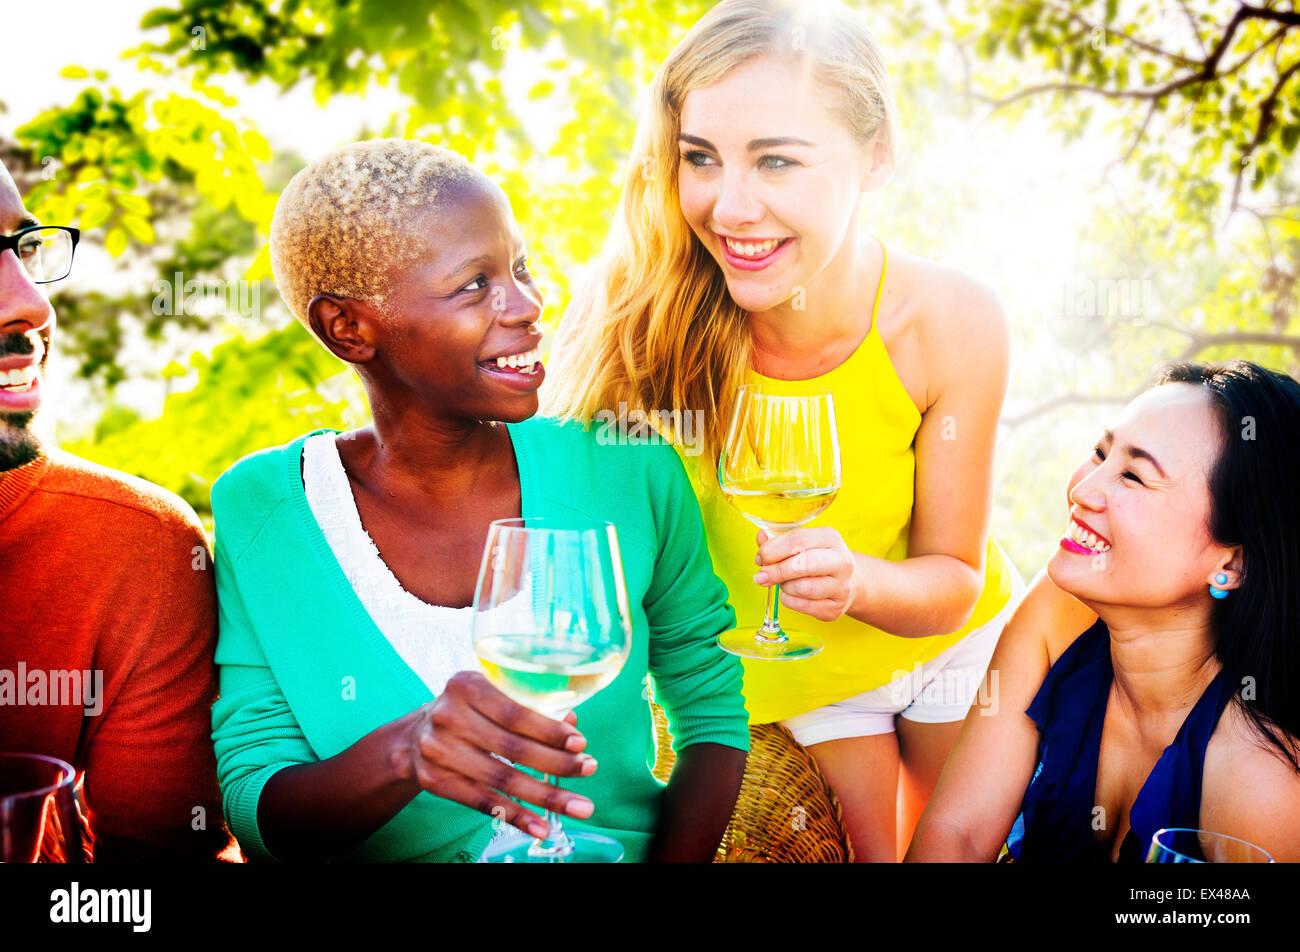 Le ragazze parlano di amicizia di refrigerazione per il tempo libero il concetto di amici Immagini Stock